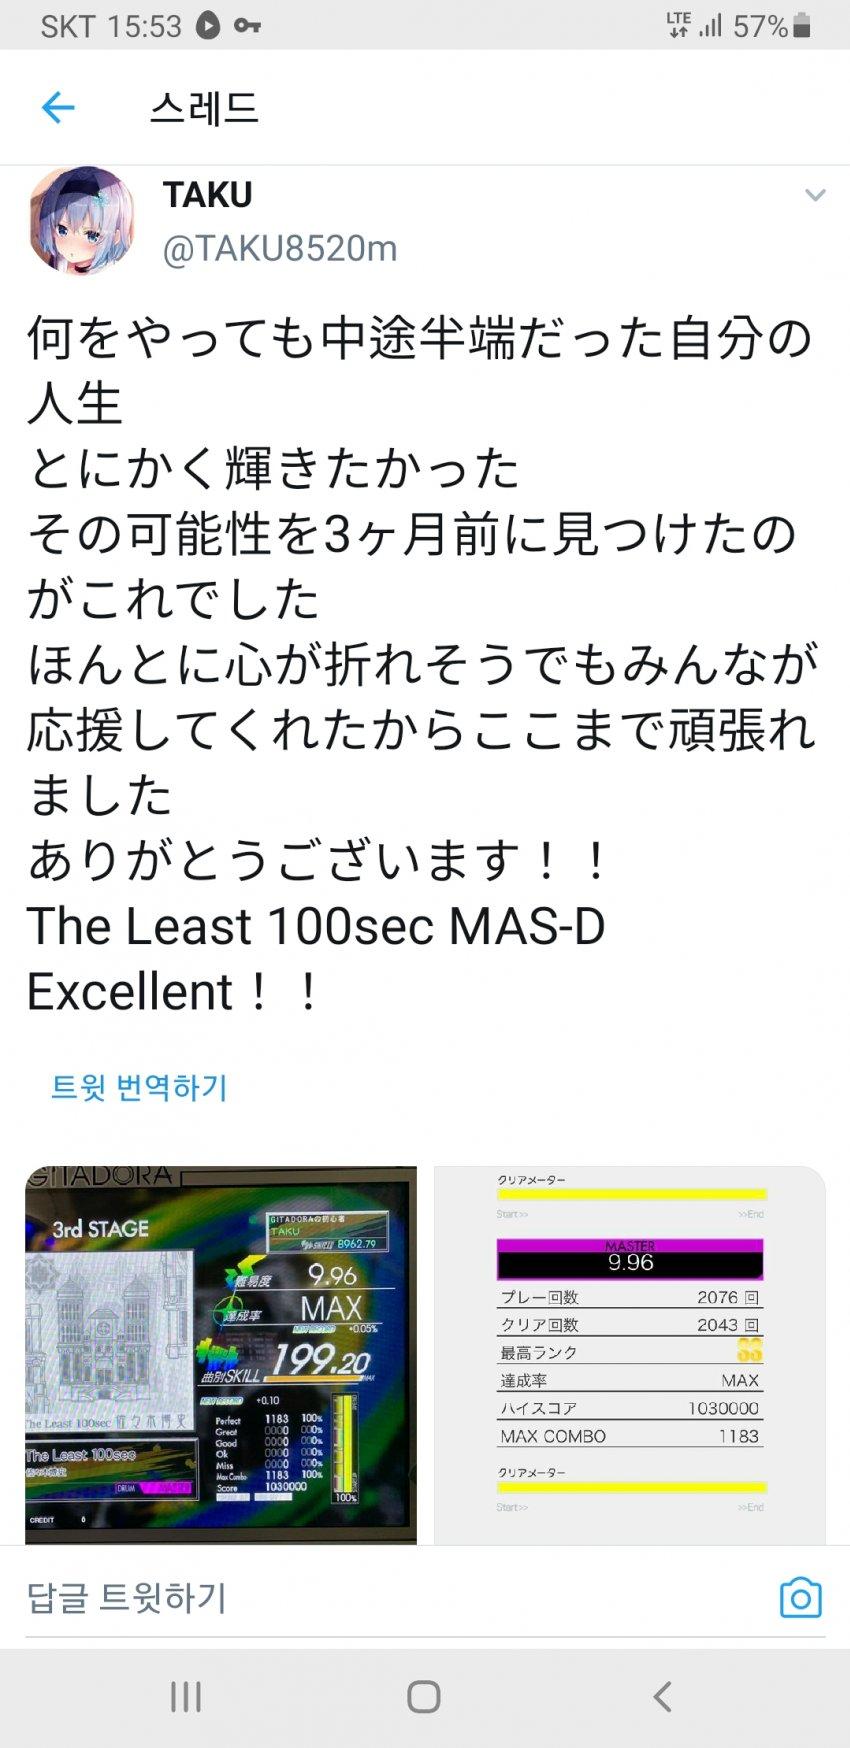 viewimage.php?id=2ab4c427e1dd2aa7&no=24b0d769e1d32ca73ced8efa11d02831dd2ecabb386674d2cf3d2a24d2c6634195332a572ee252ad5946a1d1be4de1d50c6c4eddf6c8cf3e625ce34a8d782b8e312617a446bc4d786b5aa1927e8e812b13b196aa5205ed4504977bbba74490c80ee40c3eec6f